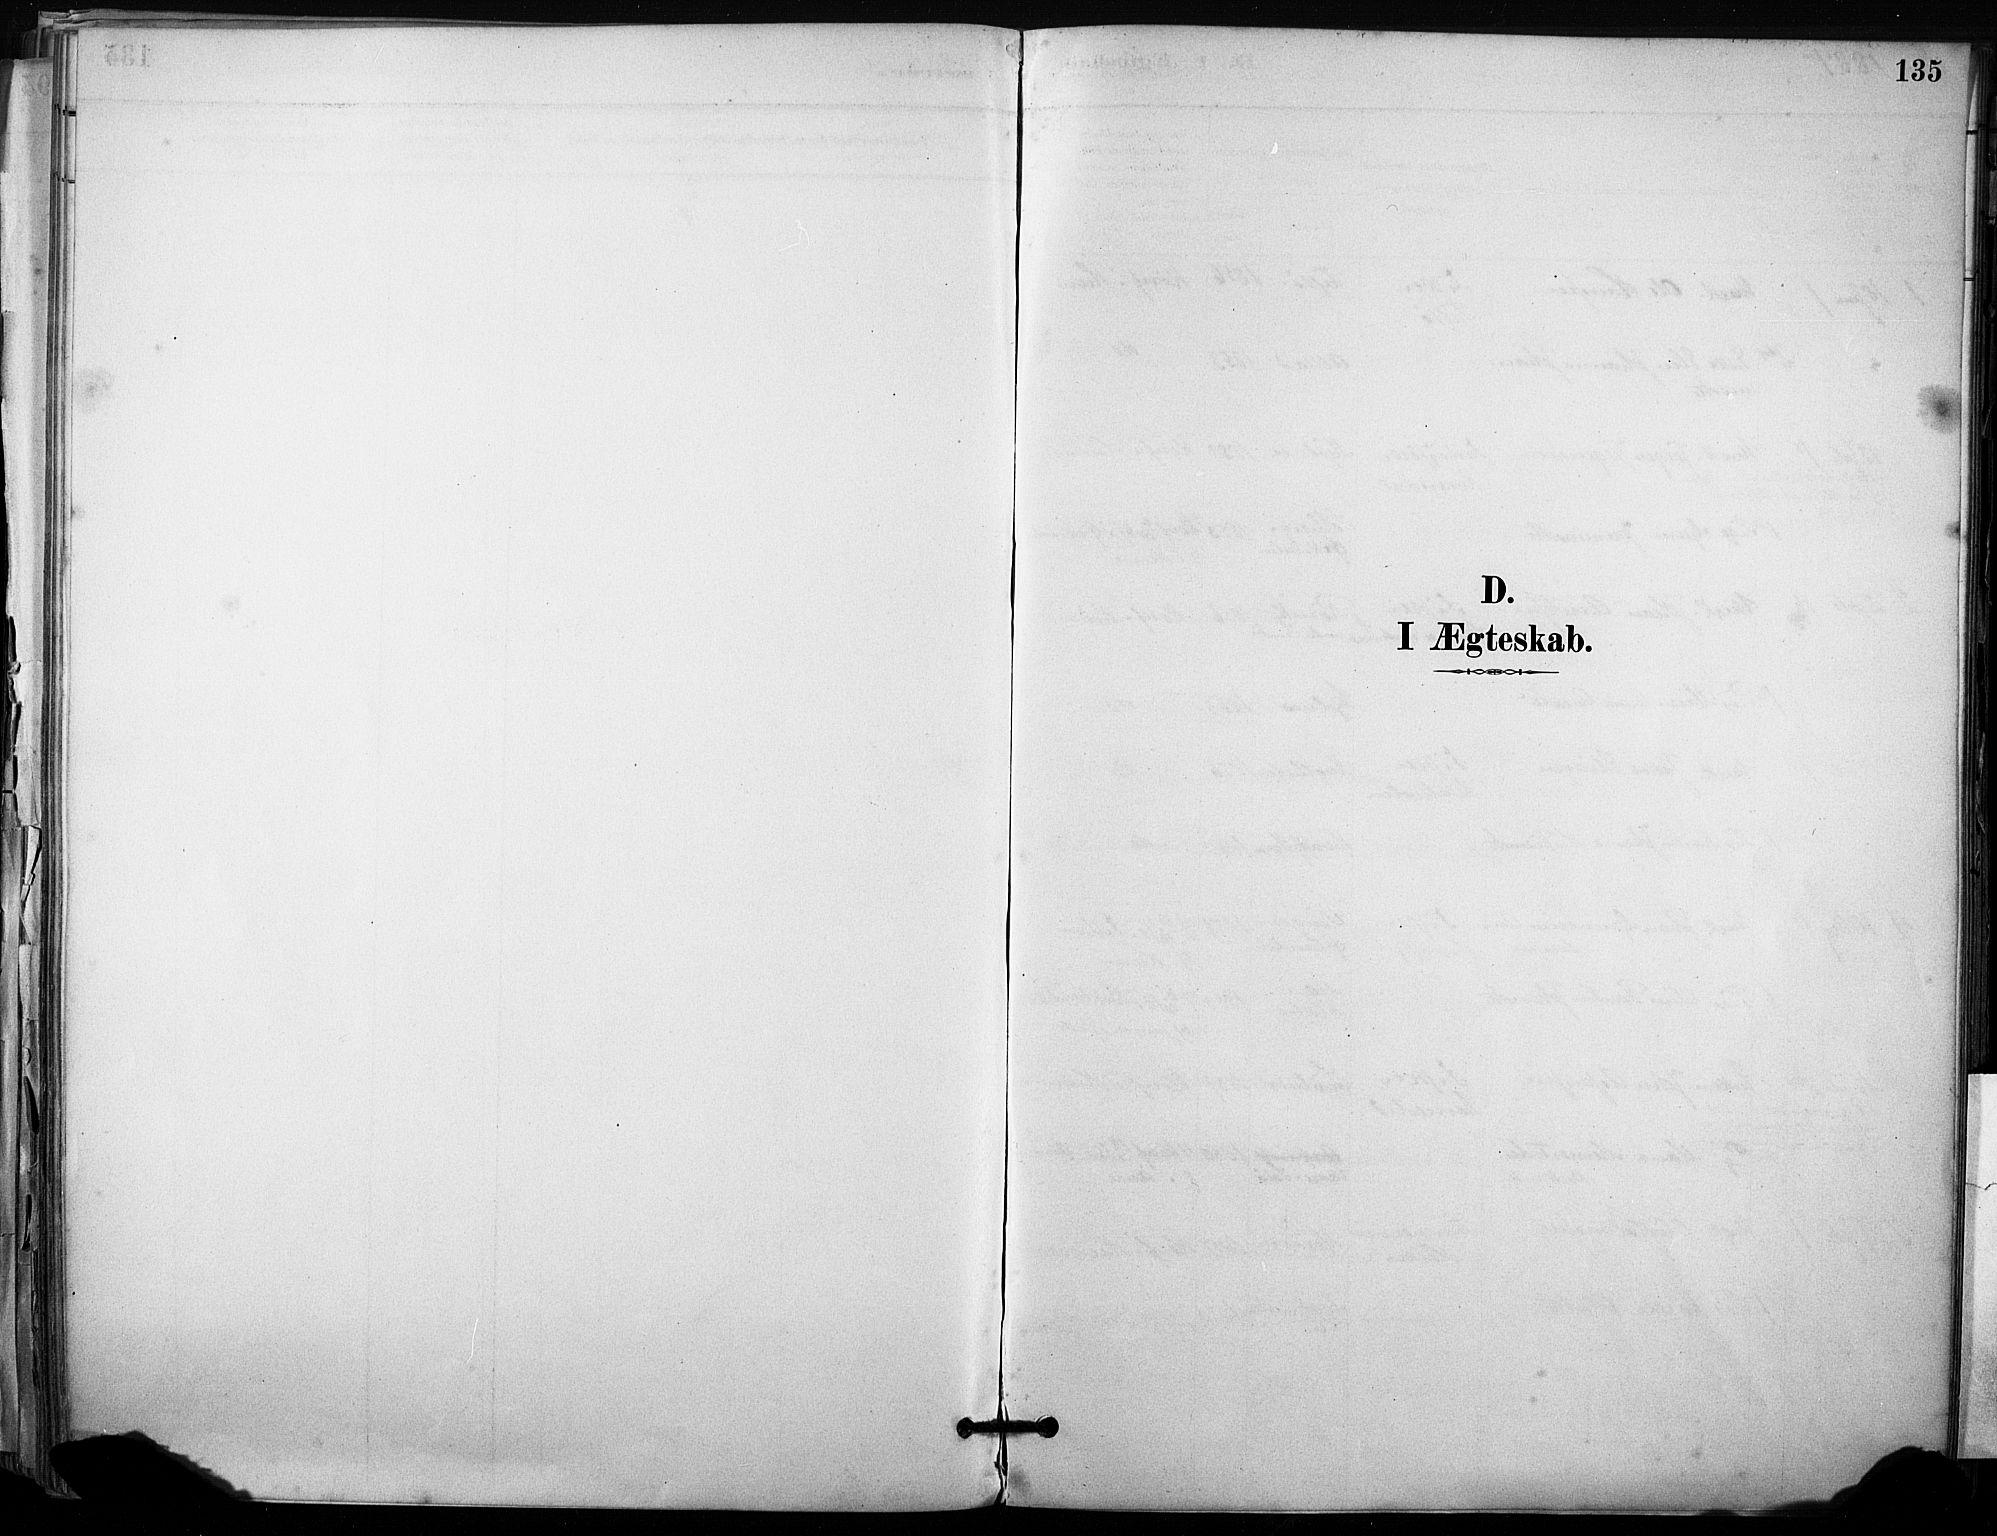 SAT, Ministerialprotokoller, klokkerbøker og fødselsregistre - Sør-Trøndelag, 633/L0518: Ministerialbok nr. 633A01, 1884-1906, s. 135